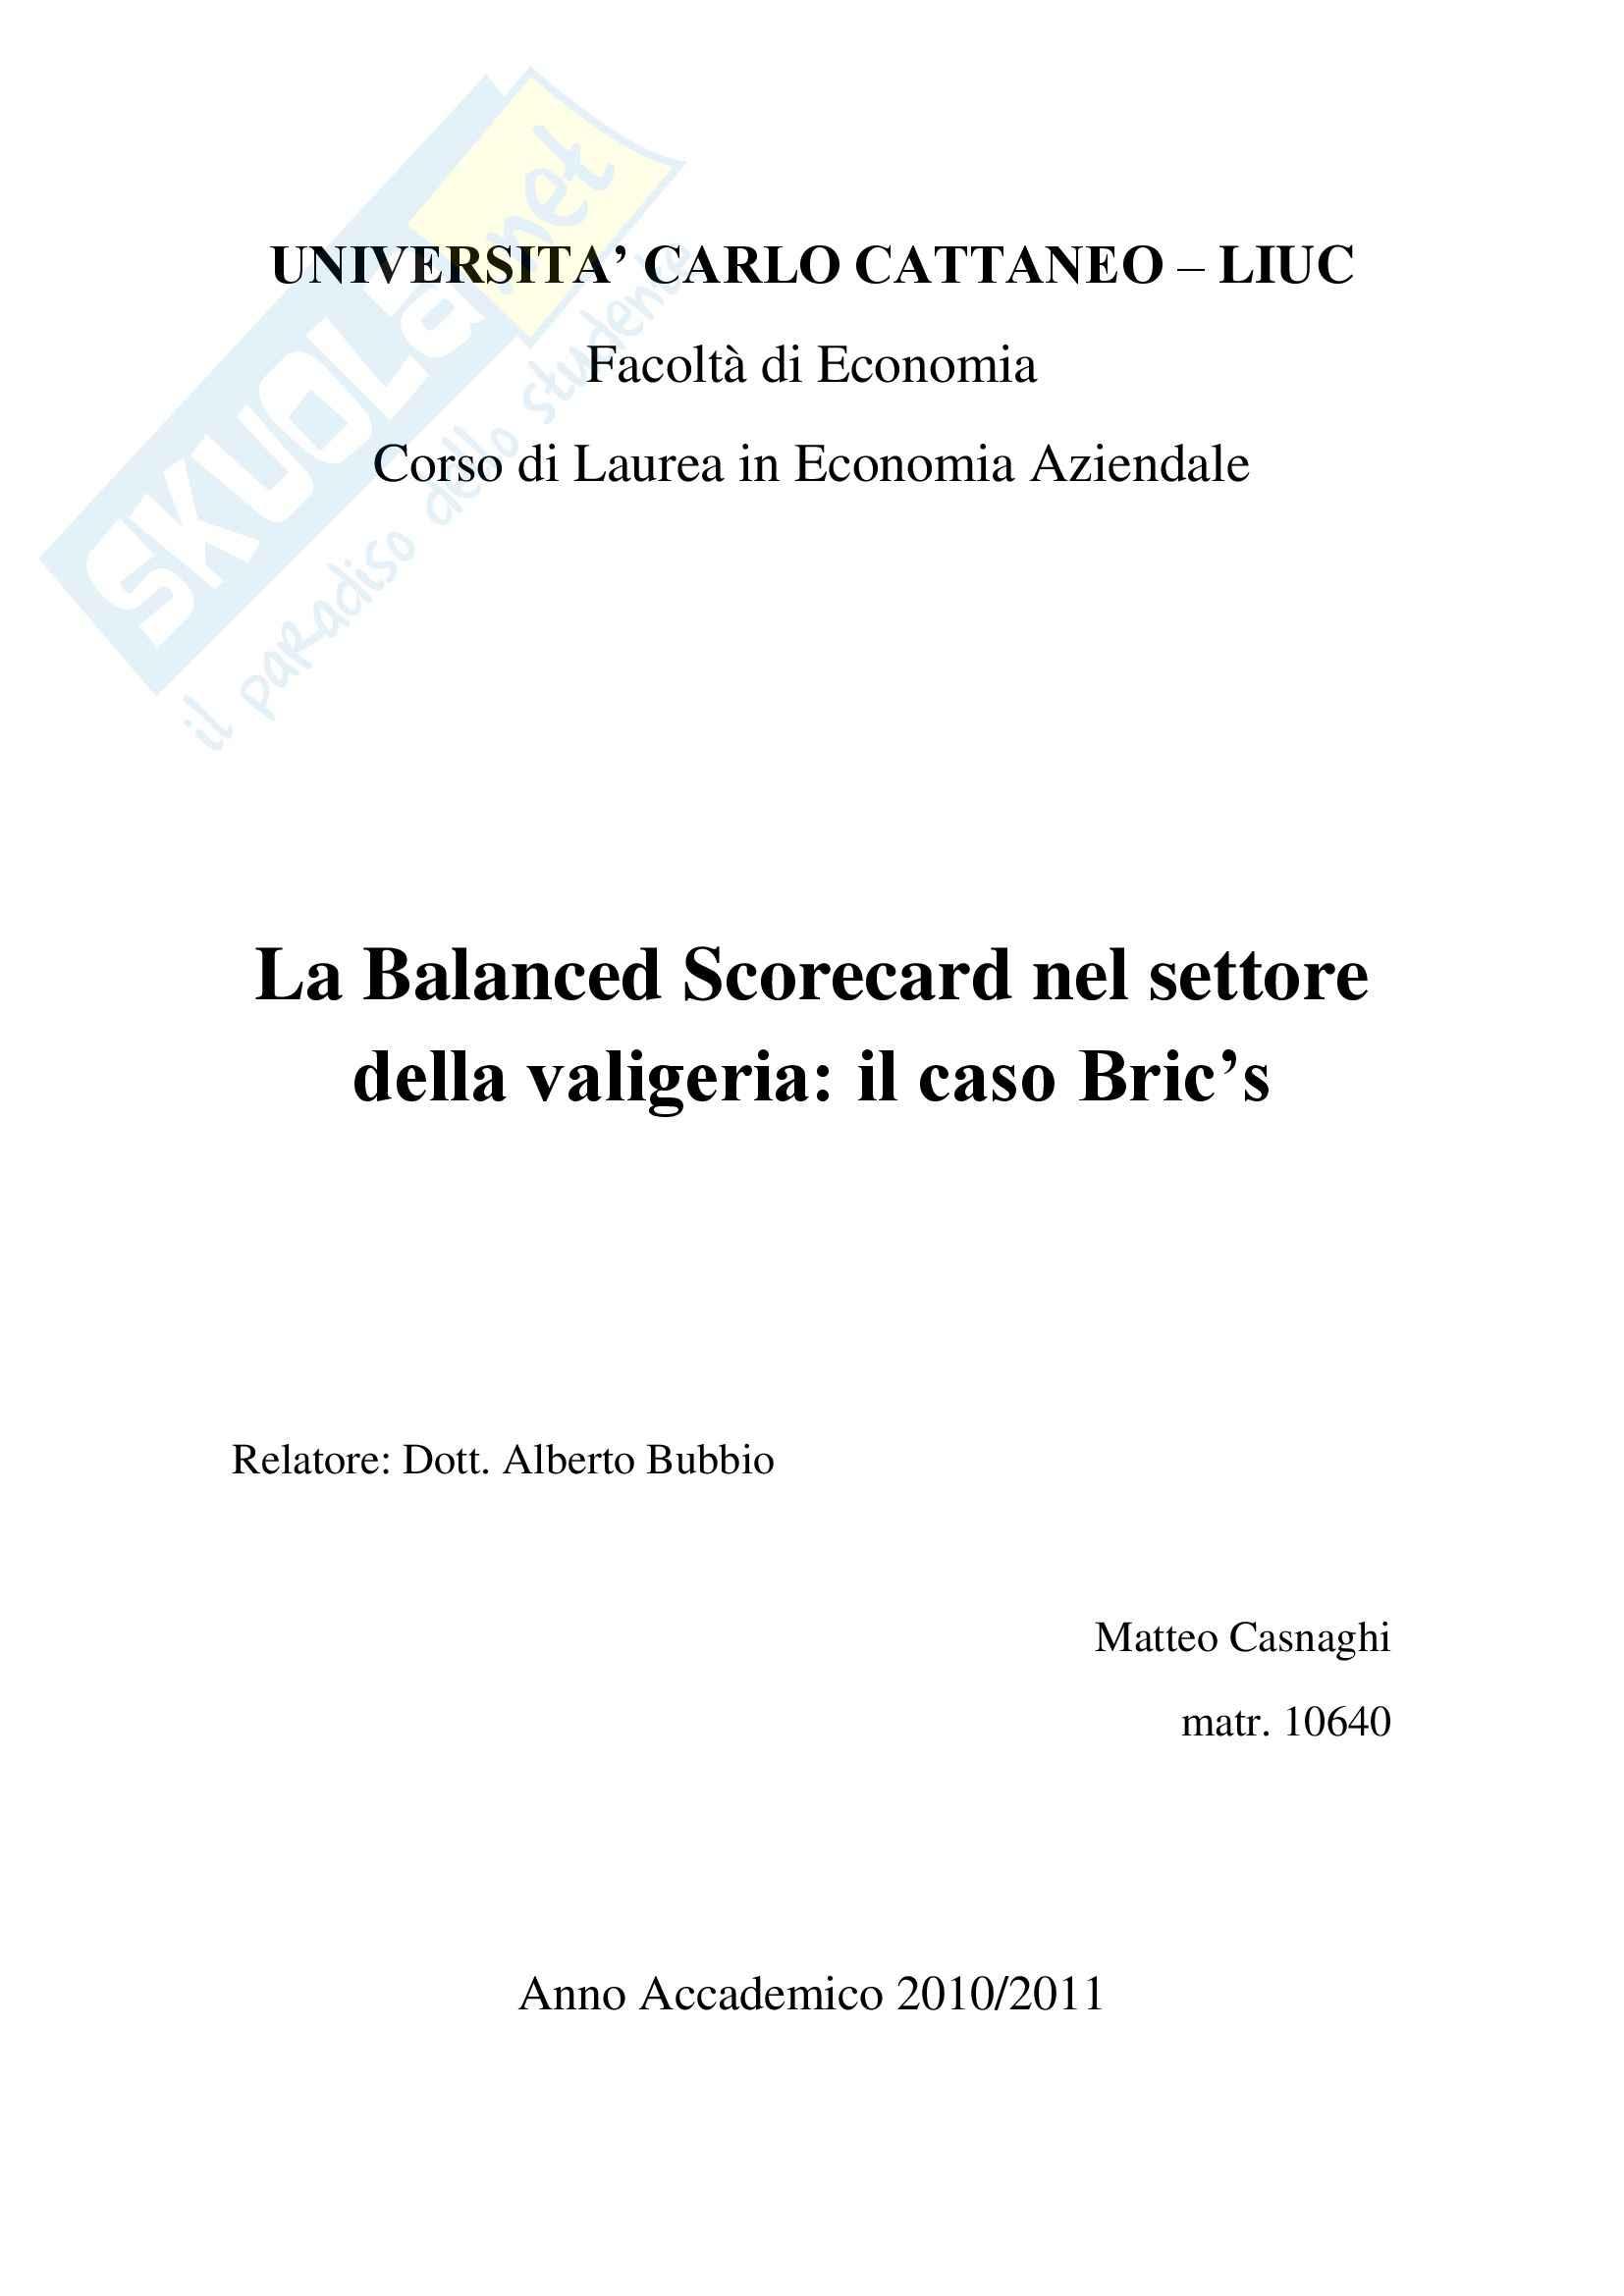 Balance Scorecard nel settore della valigeria: il caso Bric's, Programmazione e controllo